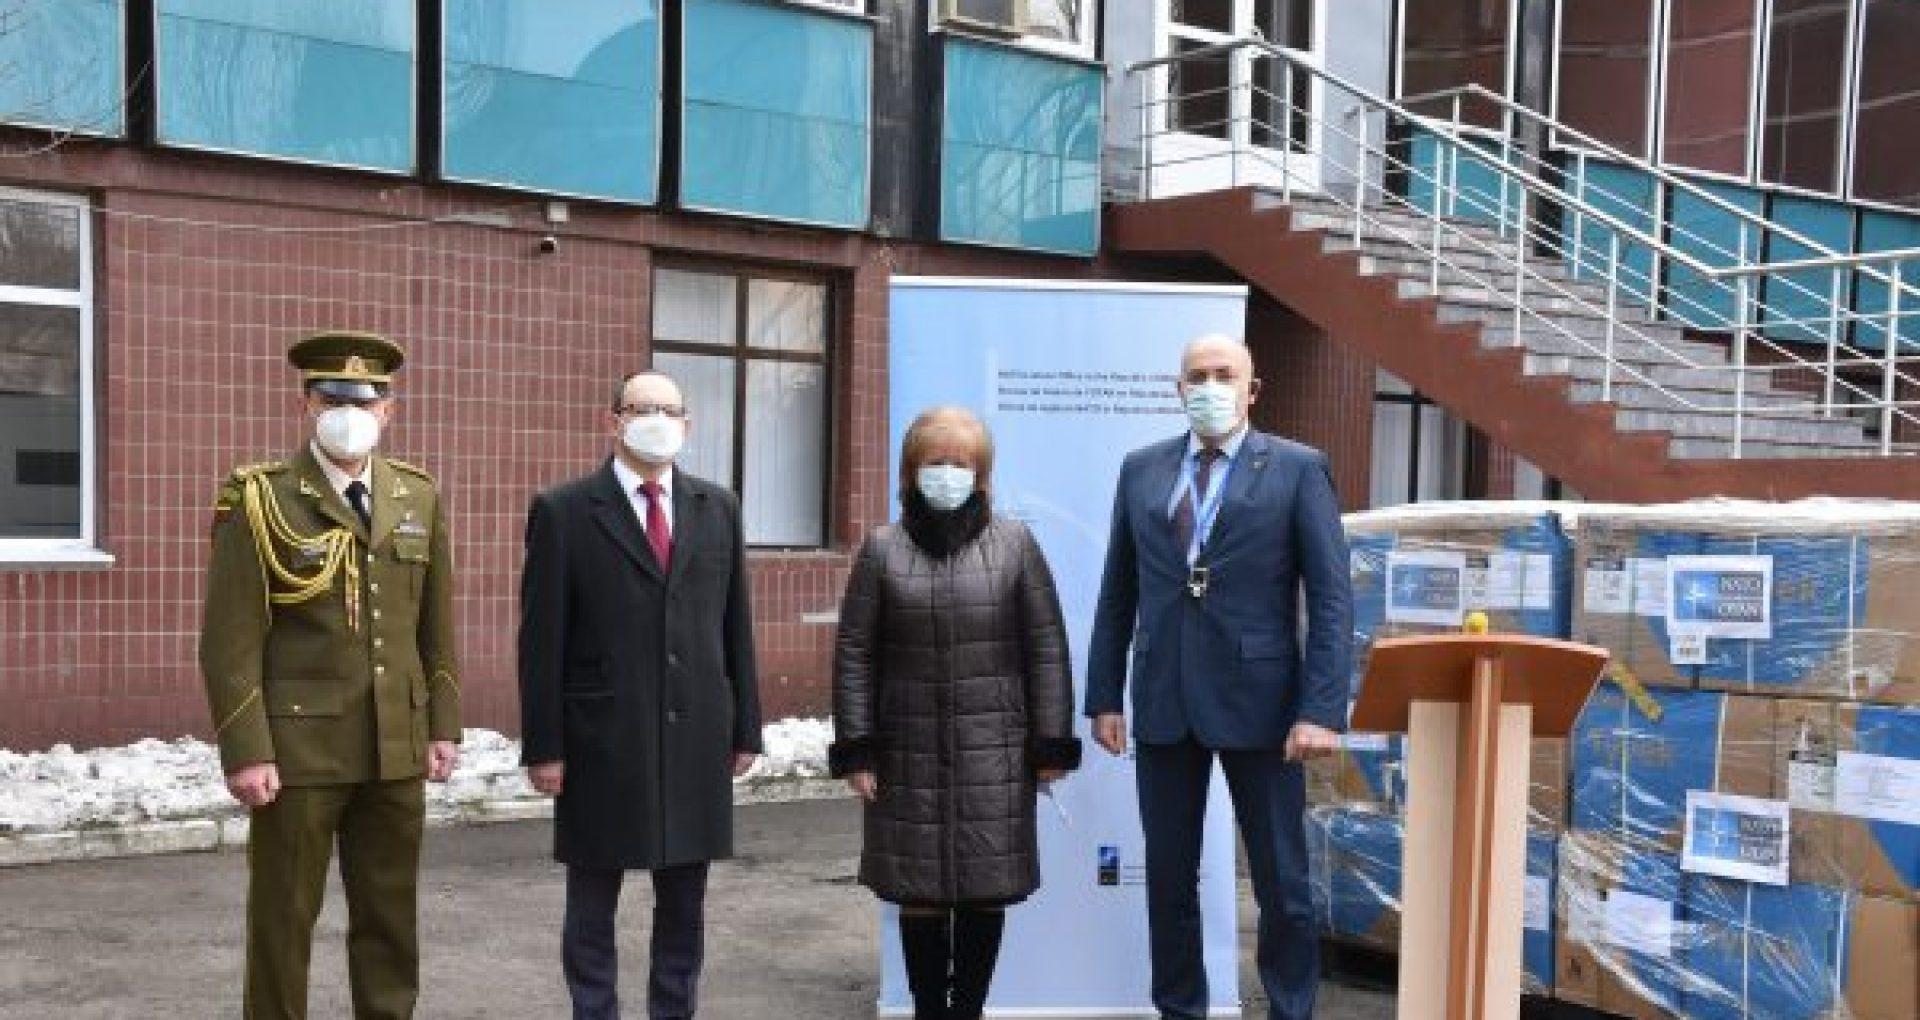 NATO a donat costume de protecție de peste 300 mii de dolari lucrătorilor medicali din cadrul unui spital din Chișinău